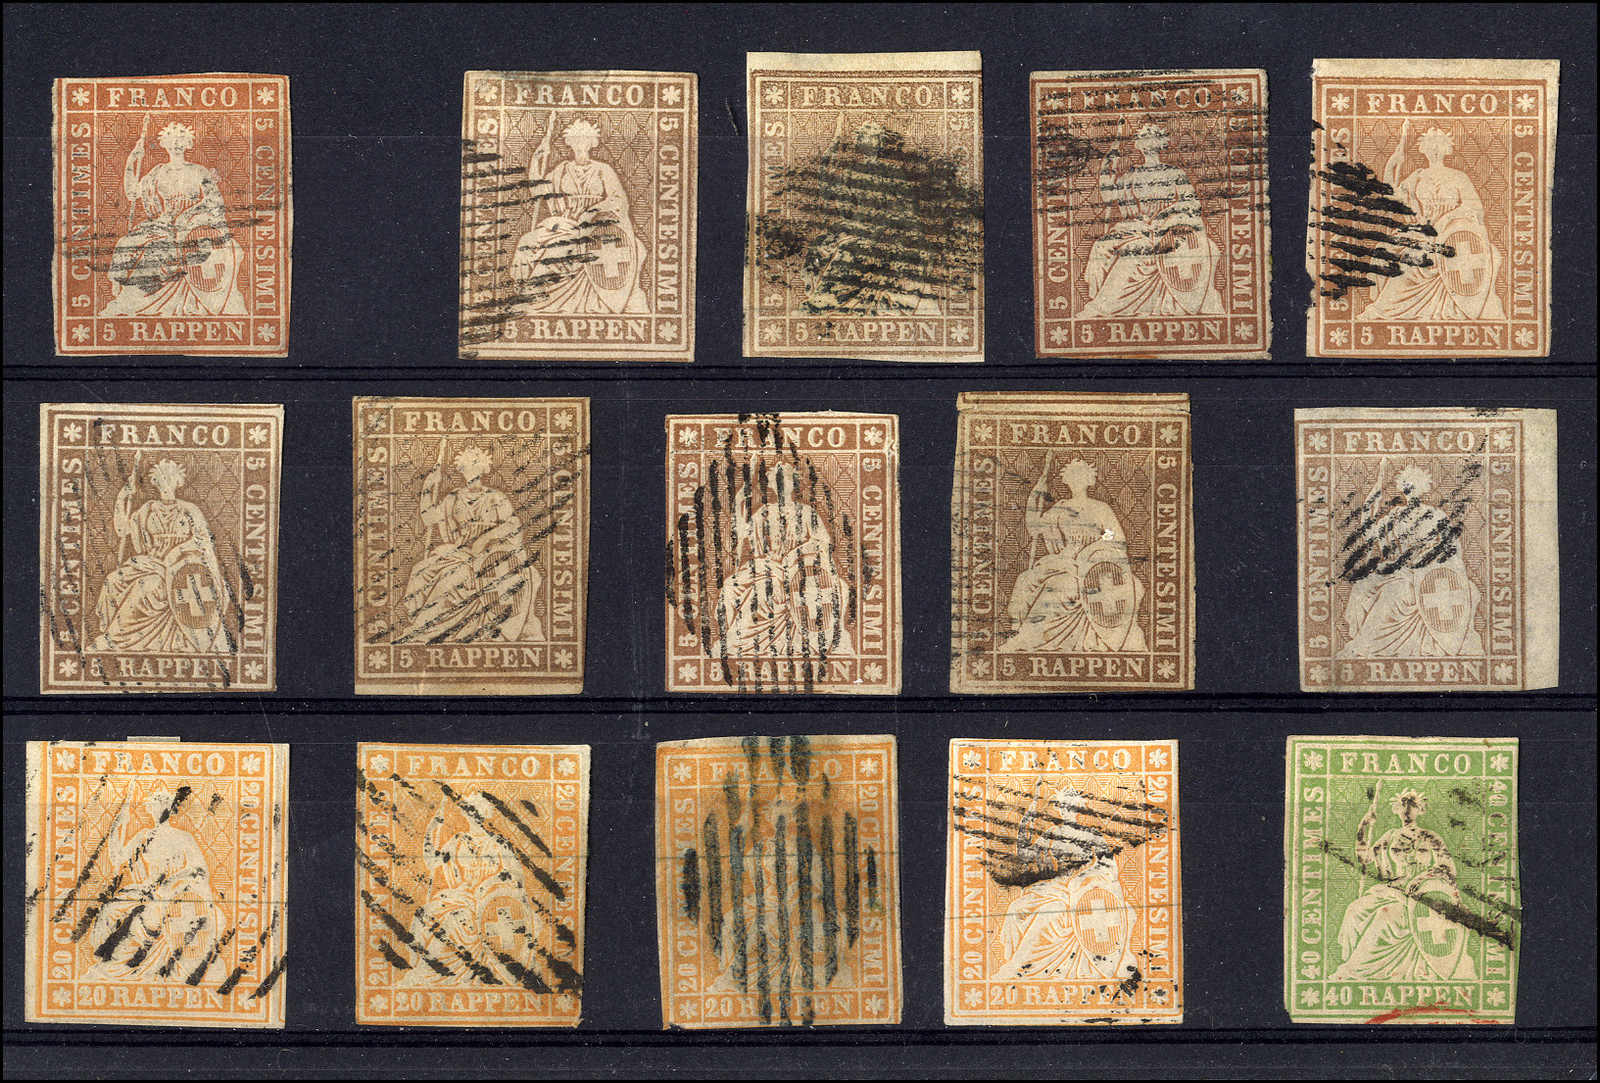 Lot 50 - sammlungen und posten sammlungen und posten altschweiz -  Rolli Auctions Auction #68 Day 1